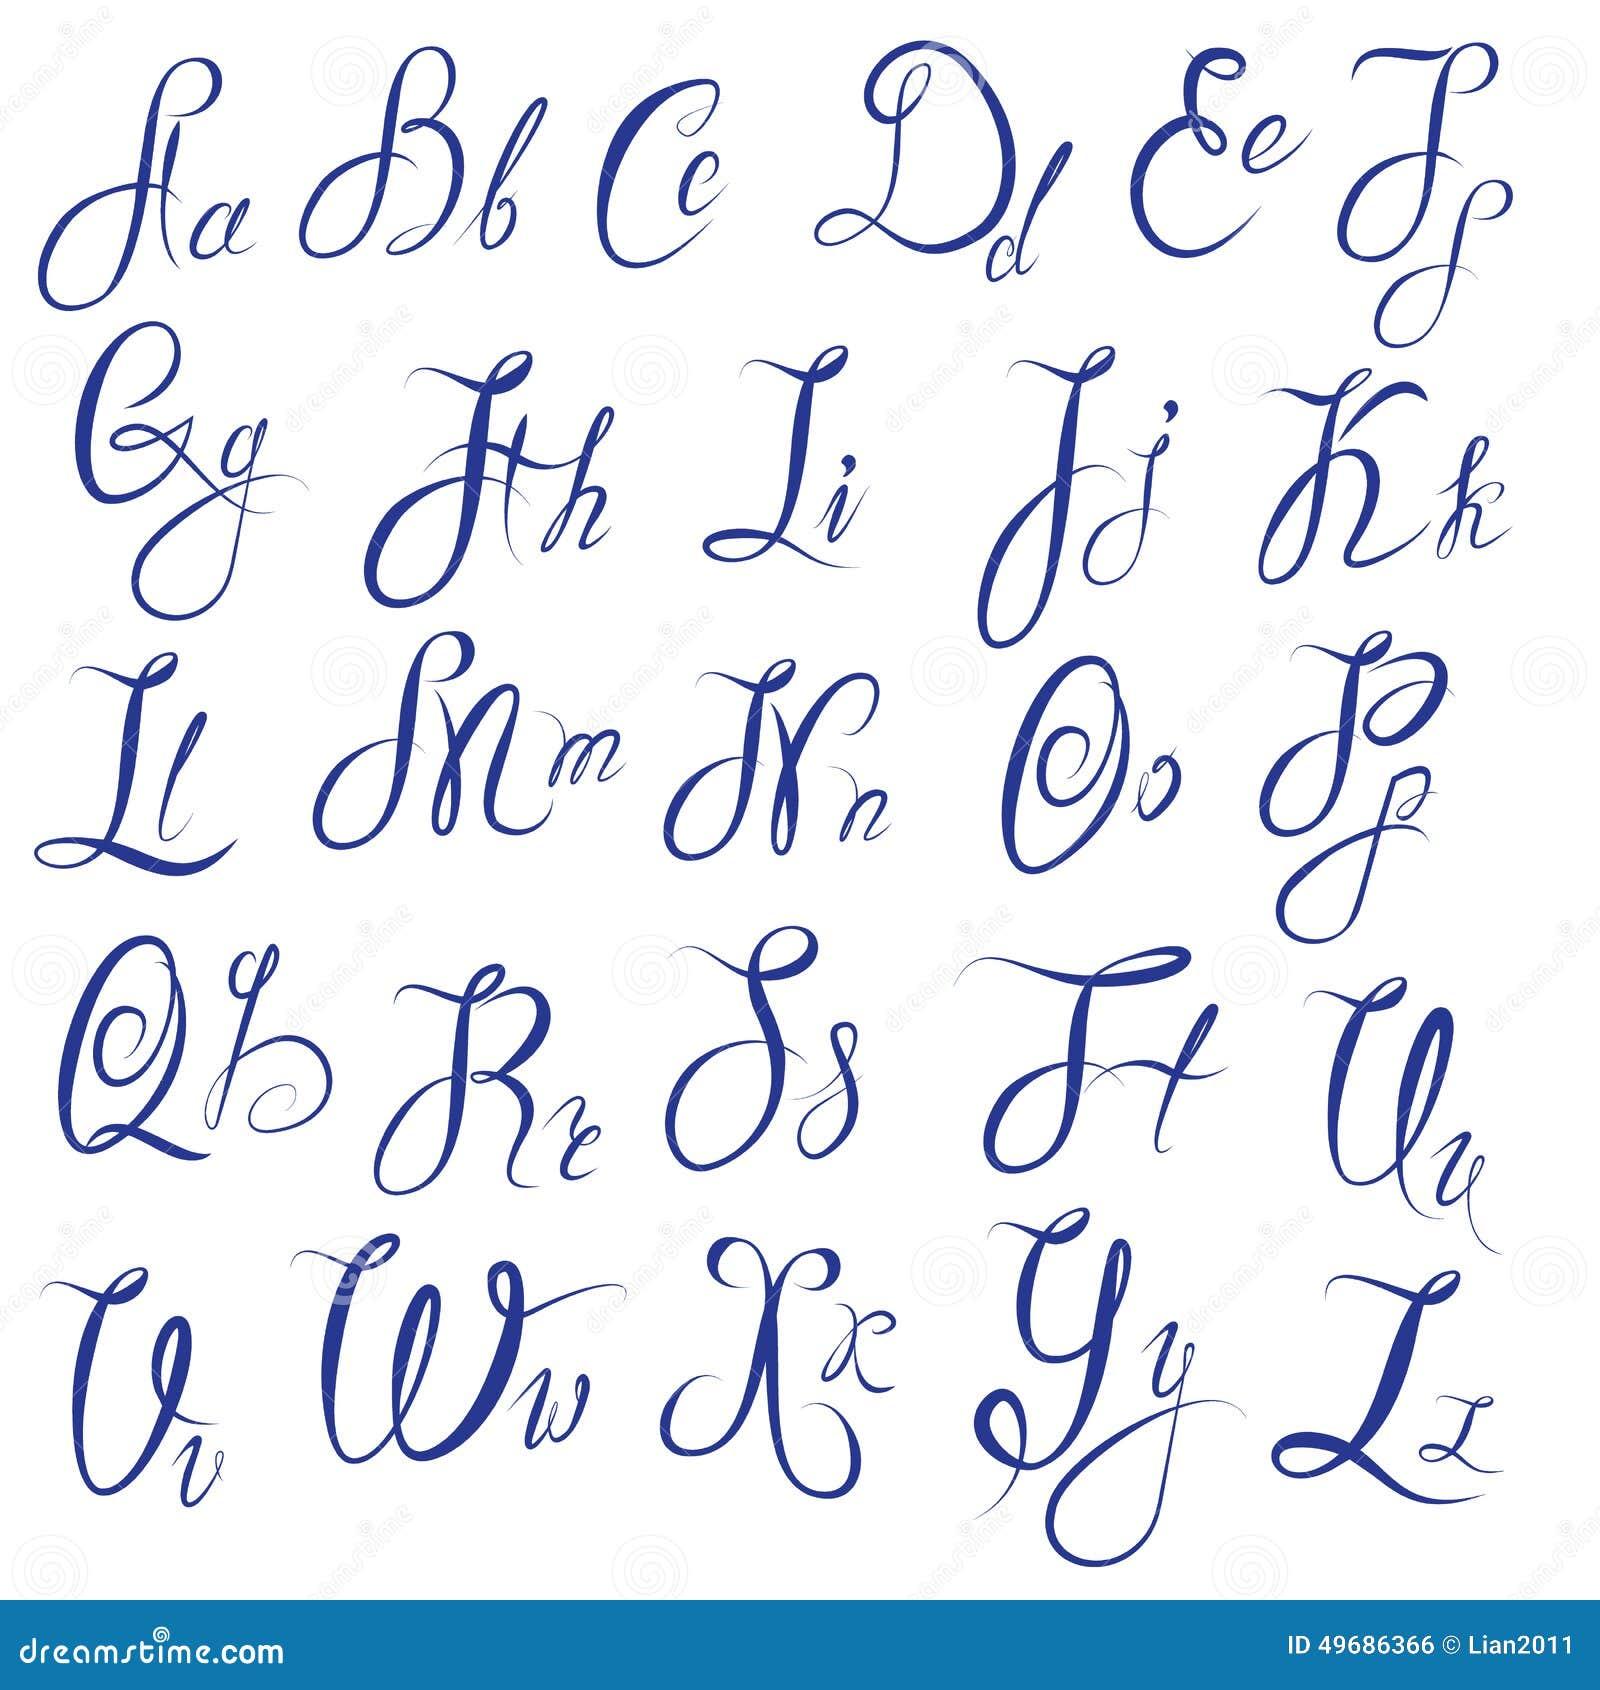 Calligraphy Fonts Fonts Script Alphabet